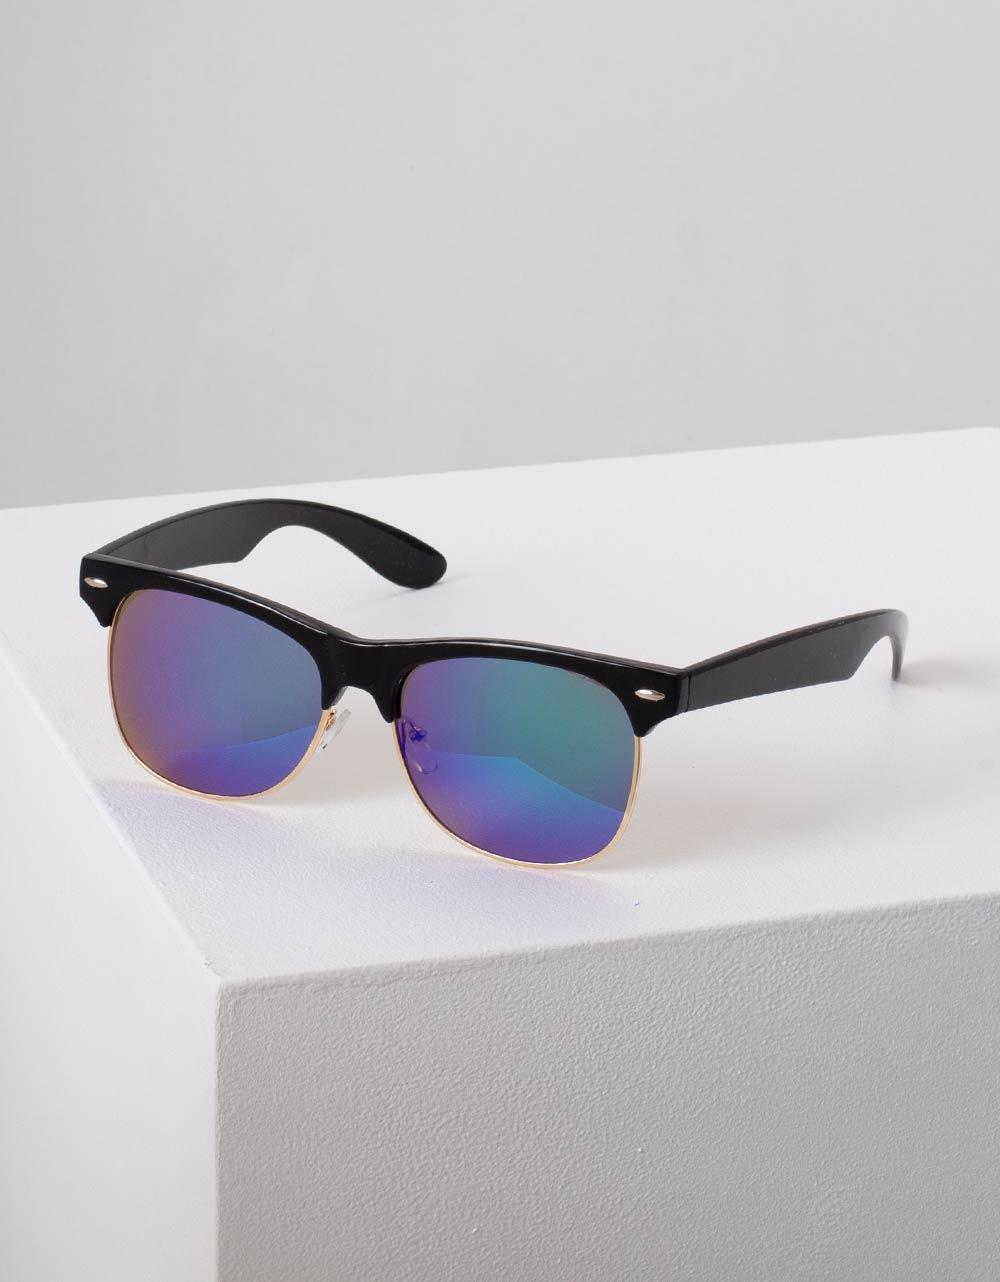 Εικόνα από Γυναικεία γυαλιά ηλίου με καθρέφτη στο φακό Μαύρο